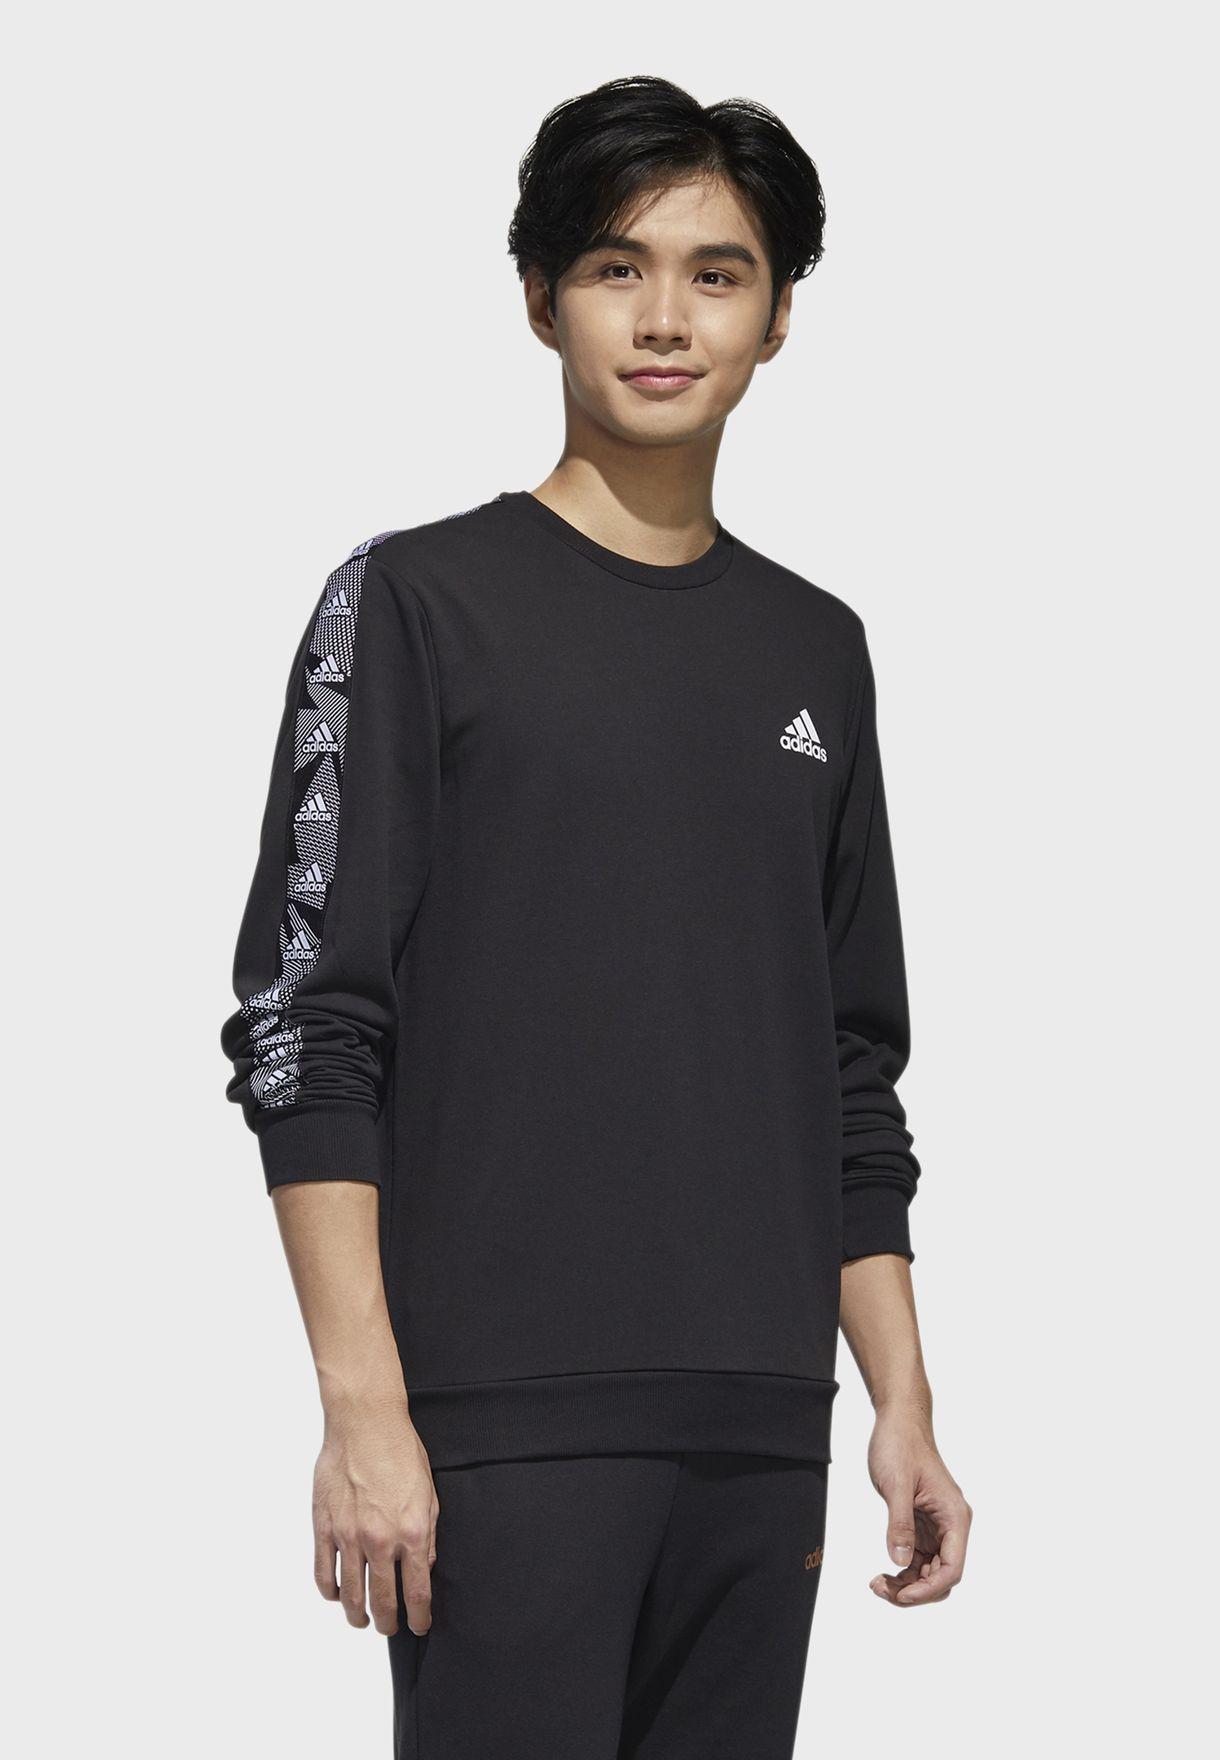 Essentials Sports Training Men's Sweatshirt